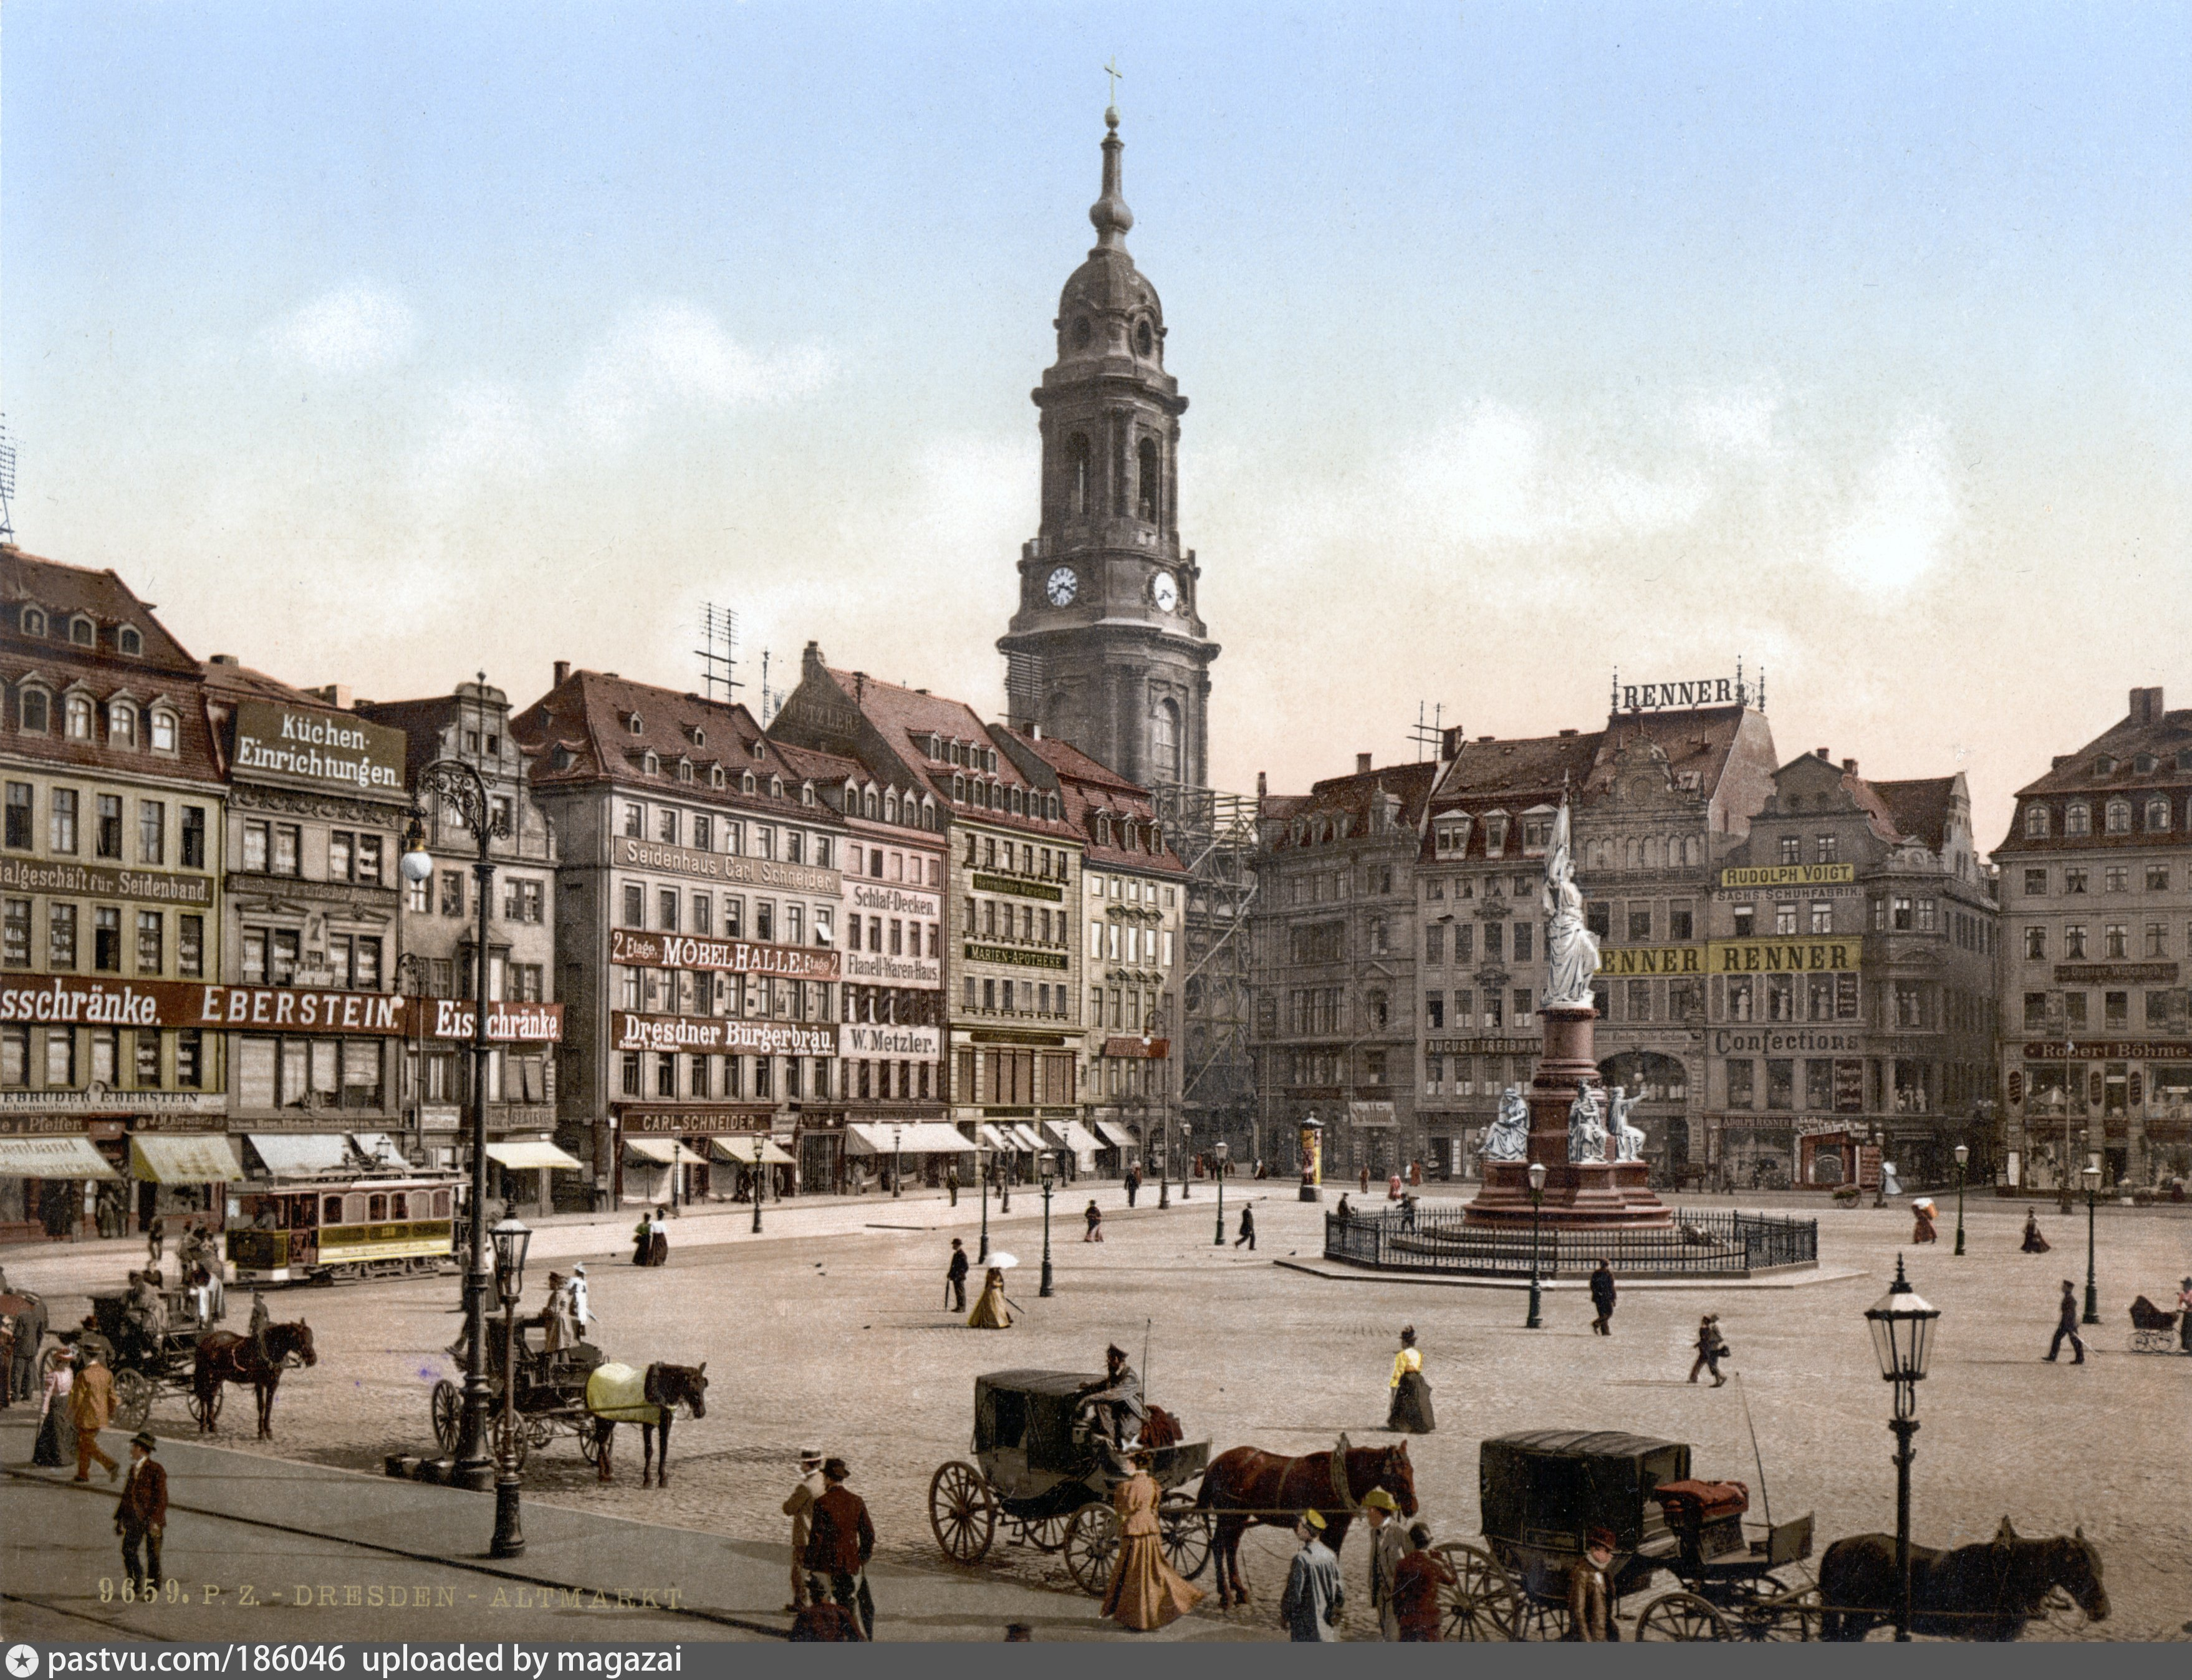 ТОП: Достопримечательности Дрездена. Карта, фото, описание ...